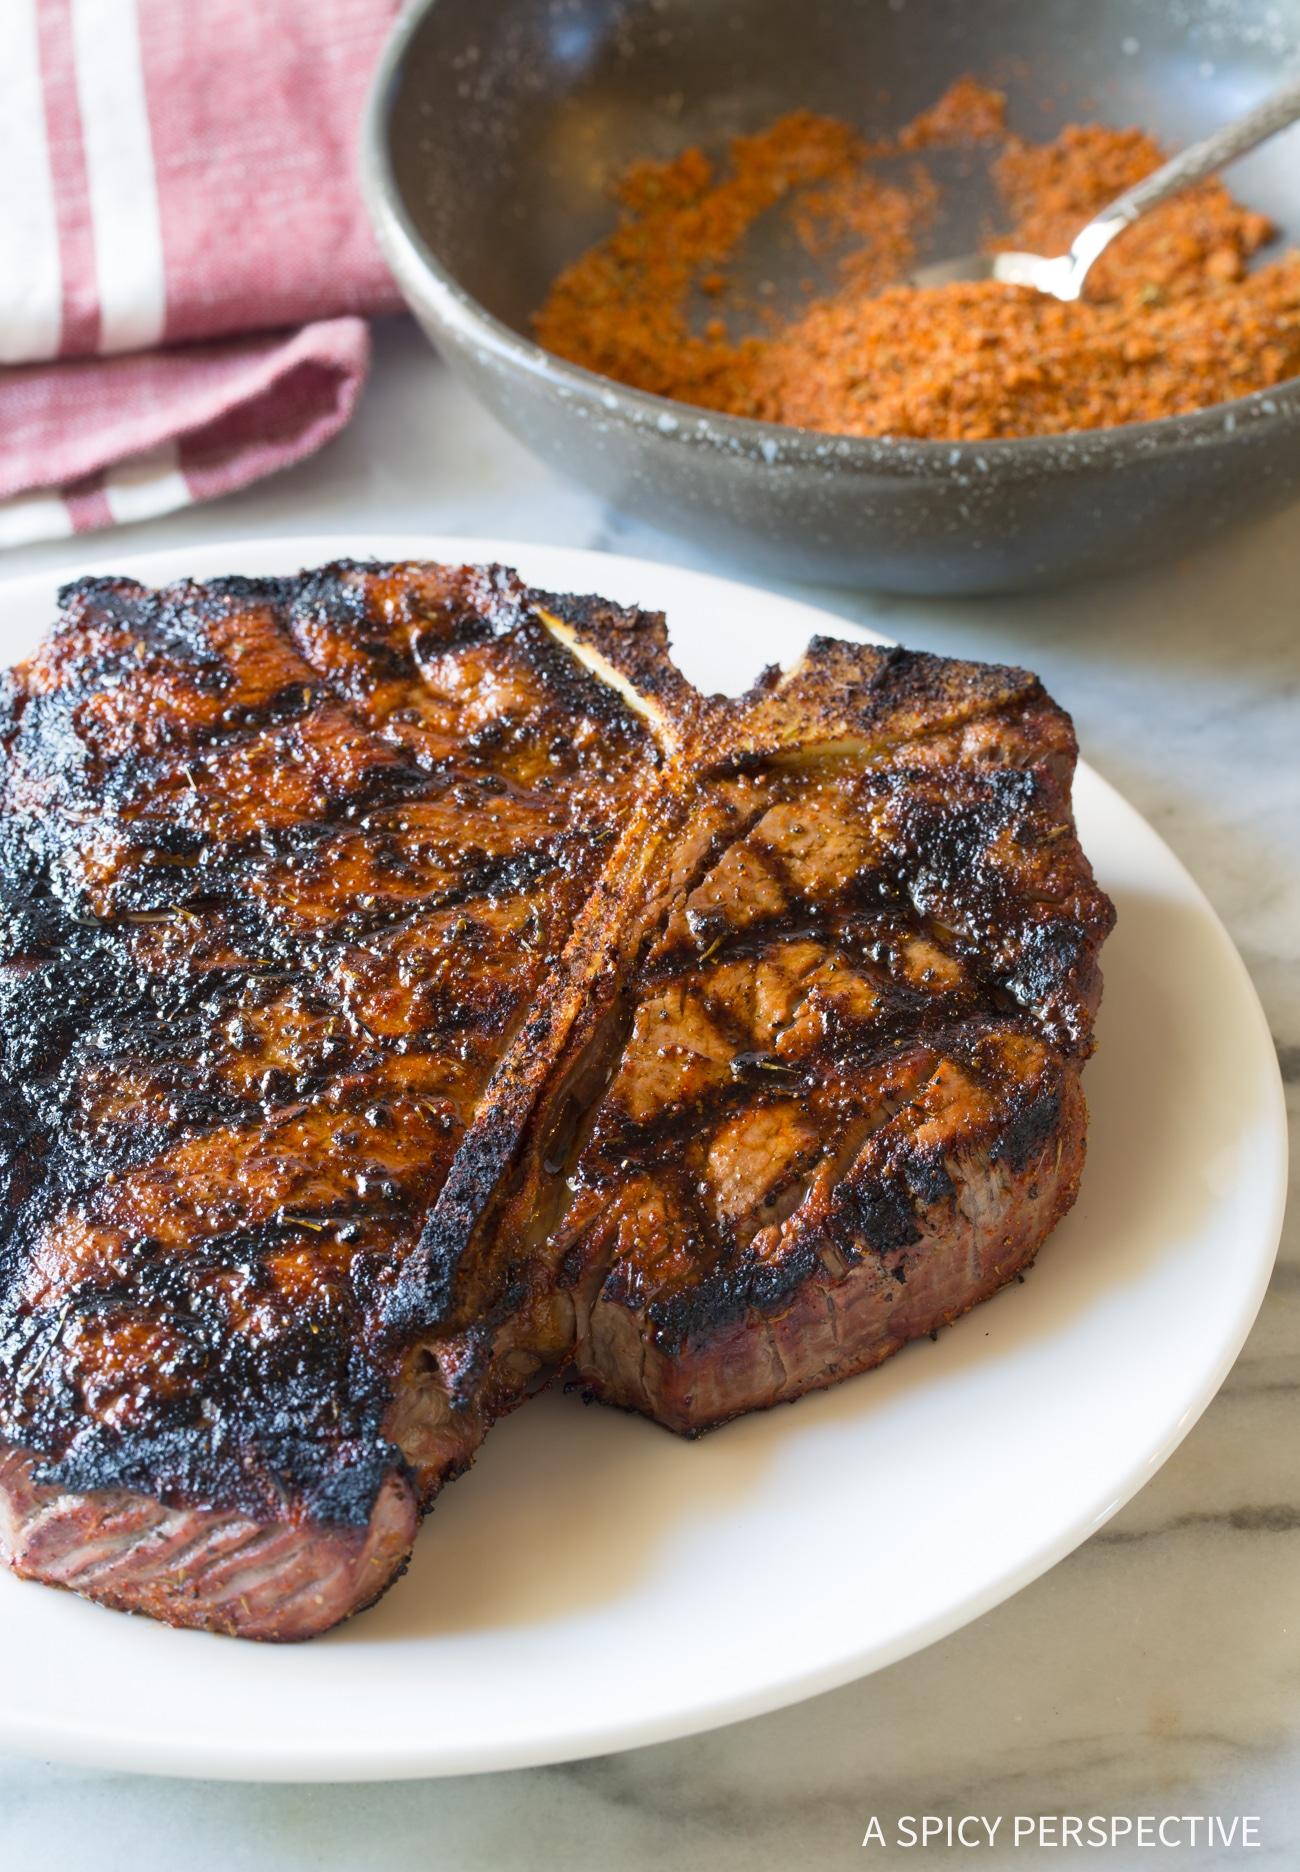 Beef #ASpicyPerspective #Steak #SteakSeasoning #HowtoSeasonSteak #BestSteakSeasoning #SteakSeasoningRecipe #HomemadeSeasoning #Grilling #GoodSteakSeasoning